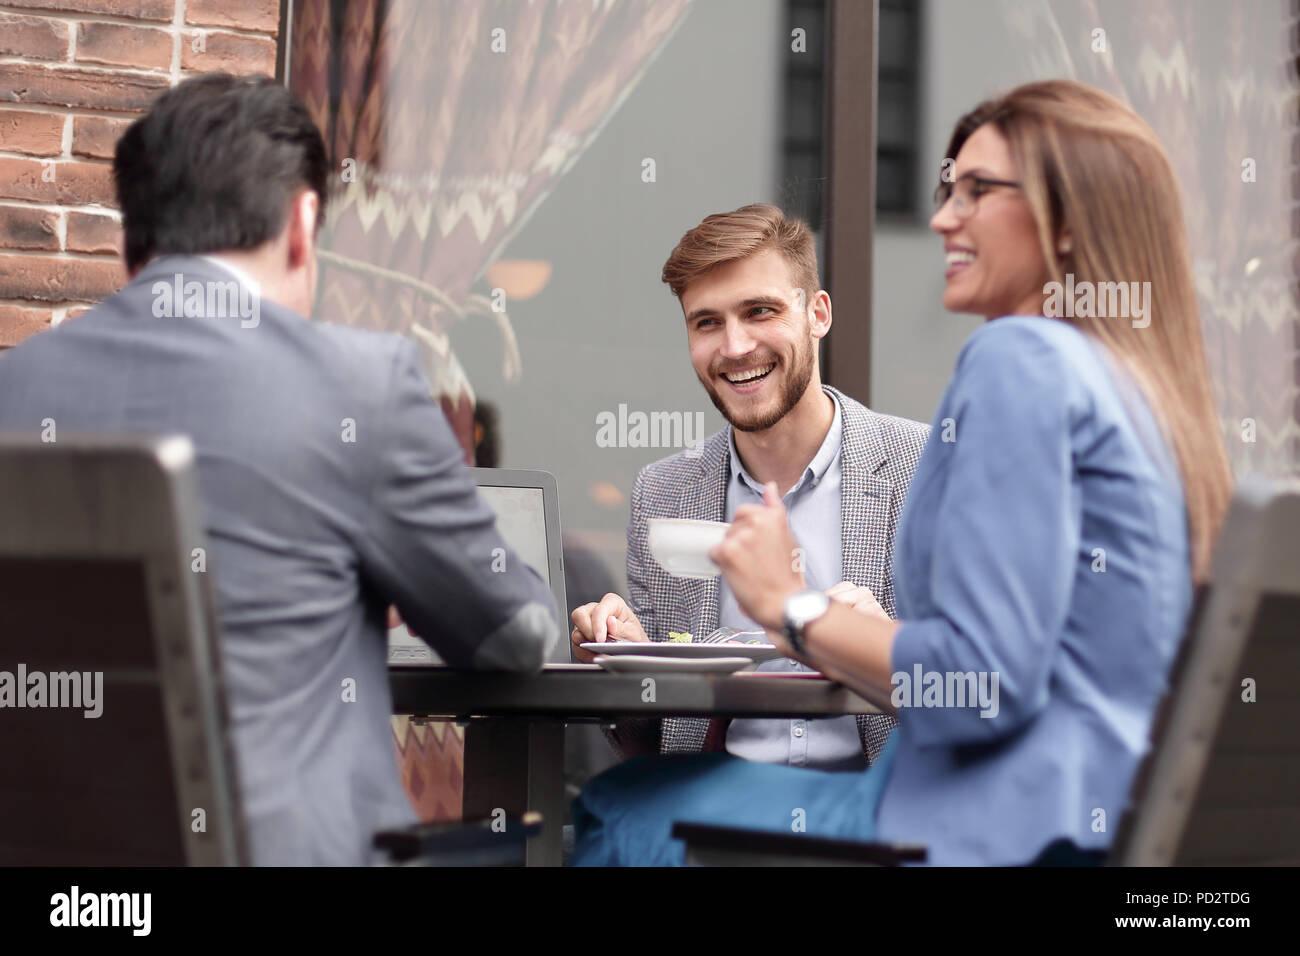 Colleghi di lavoro per discutere le questioni aziendali al tavolo da caffè Immagini Stock